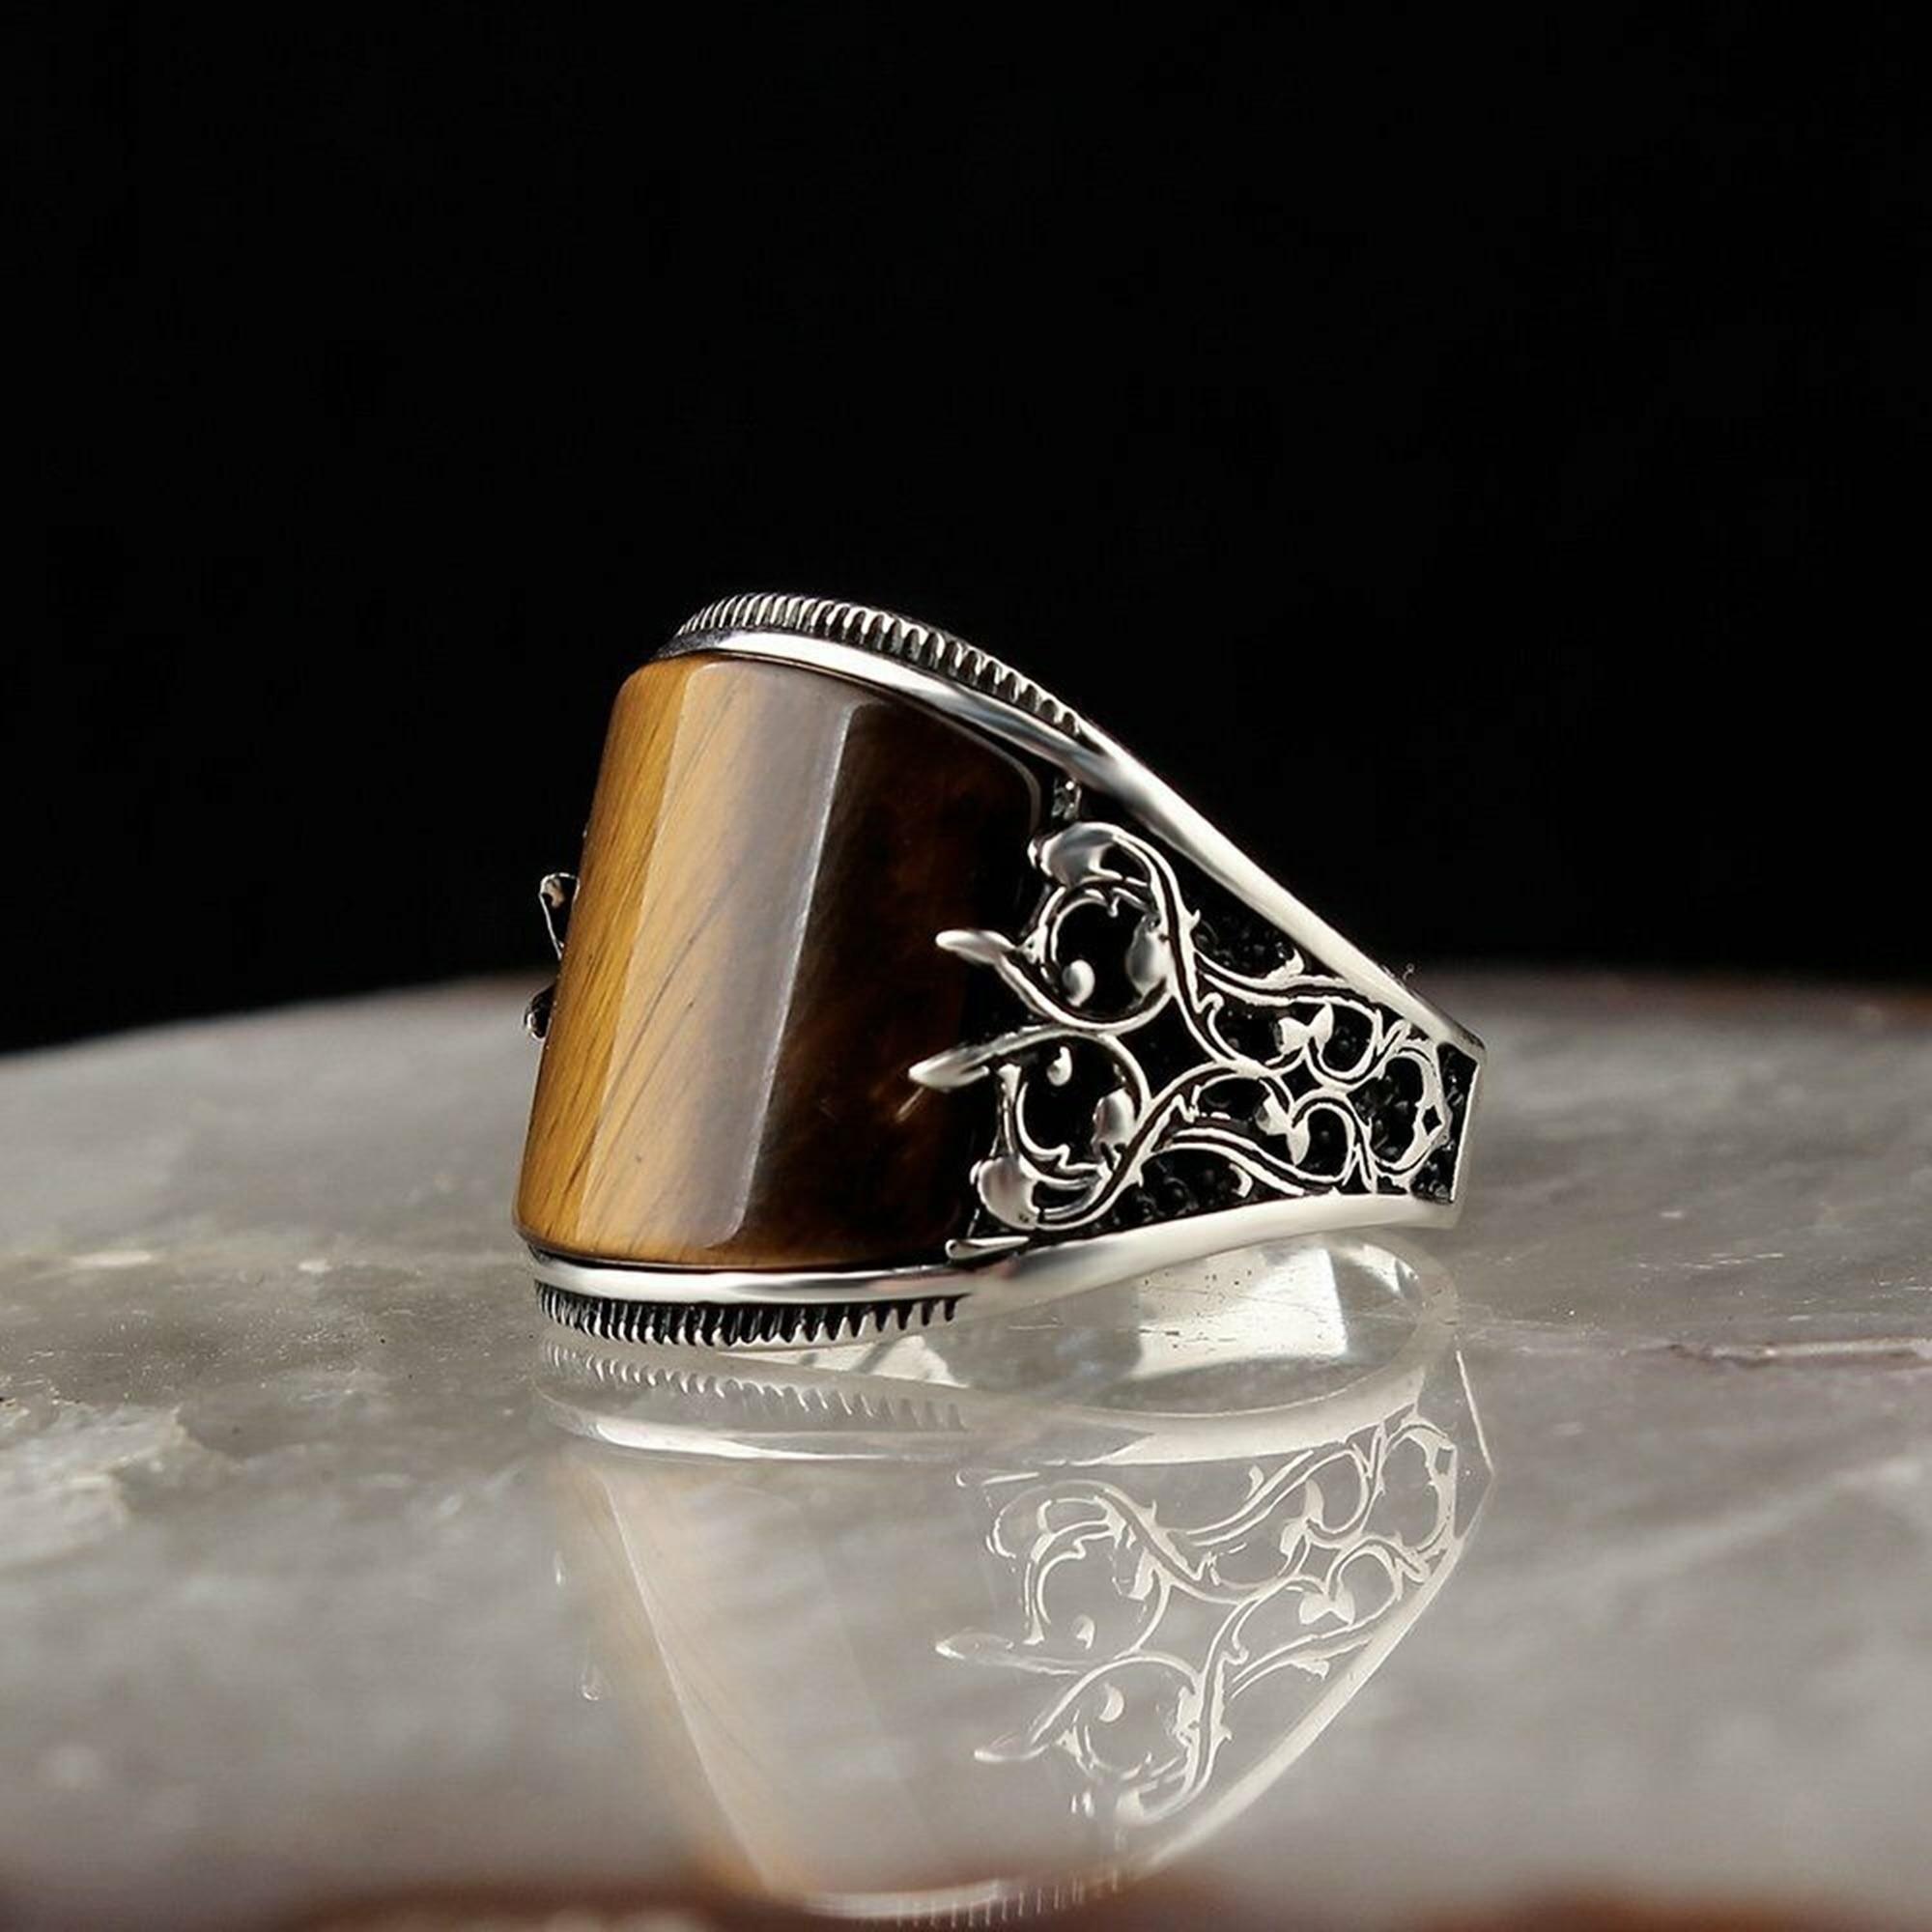 خاتم رجالي 925 فضة تركي صناعة يدوية مجوهرات عين النمر حجر كل حجم